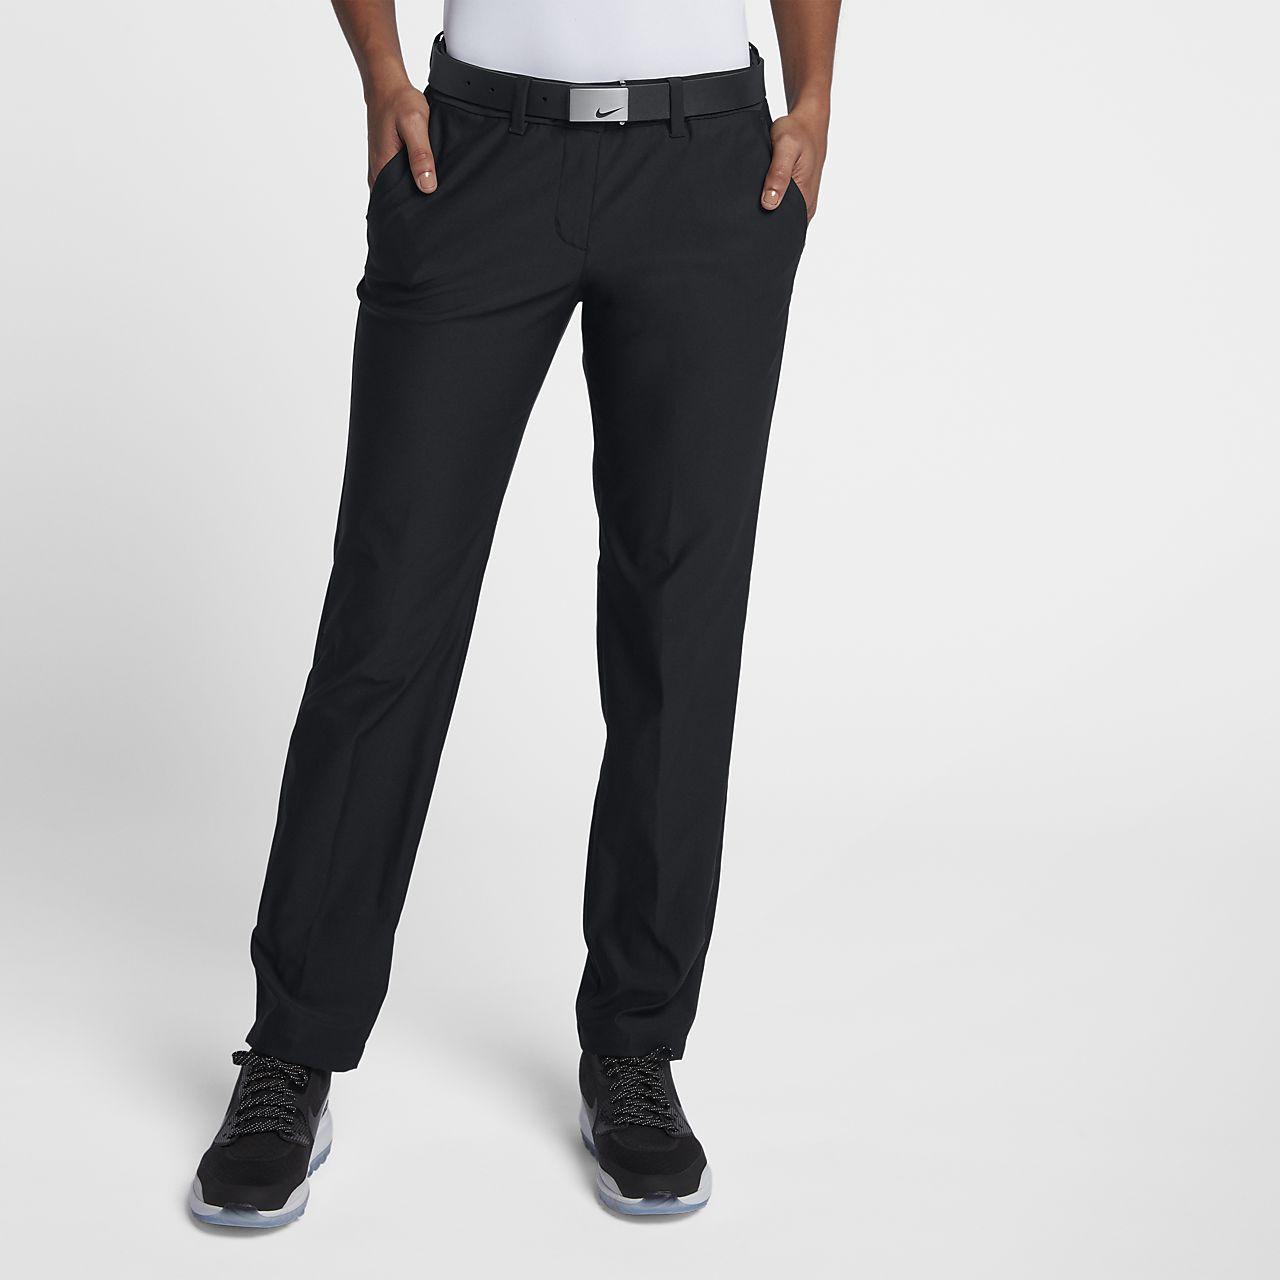 Pantaloni da golf Nike Flex - Donna